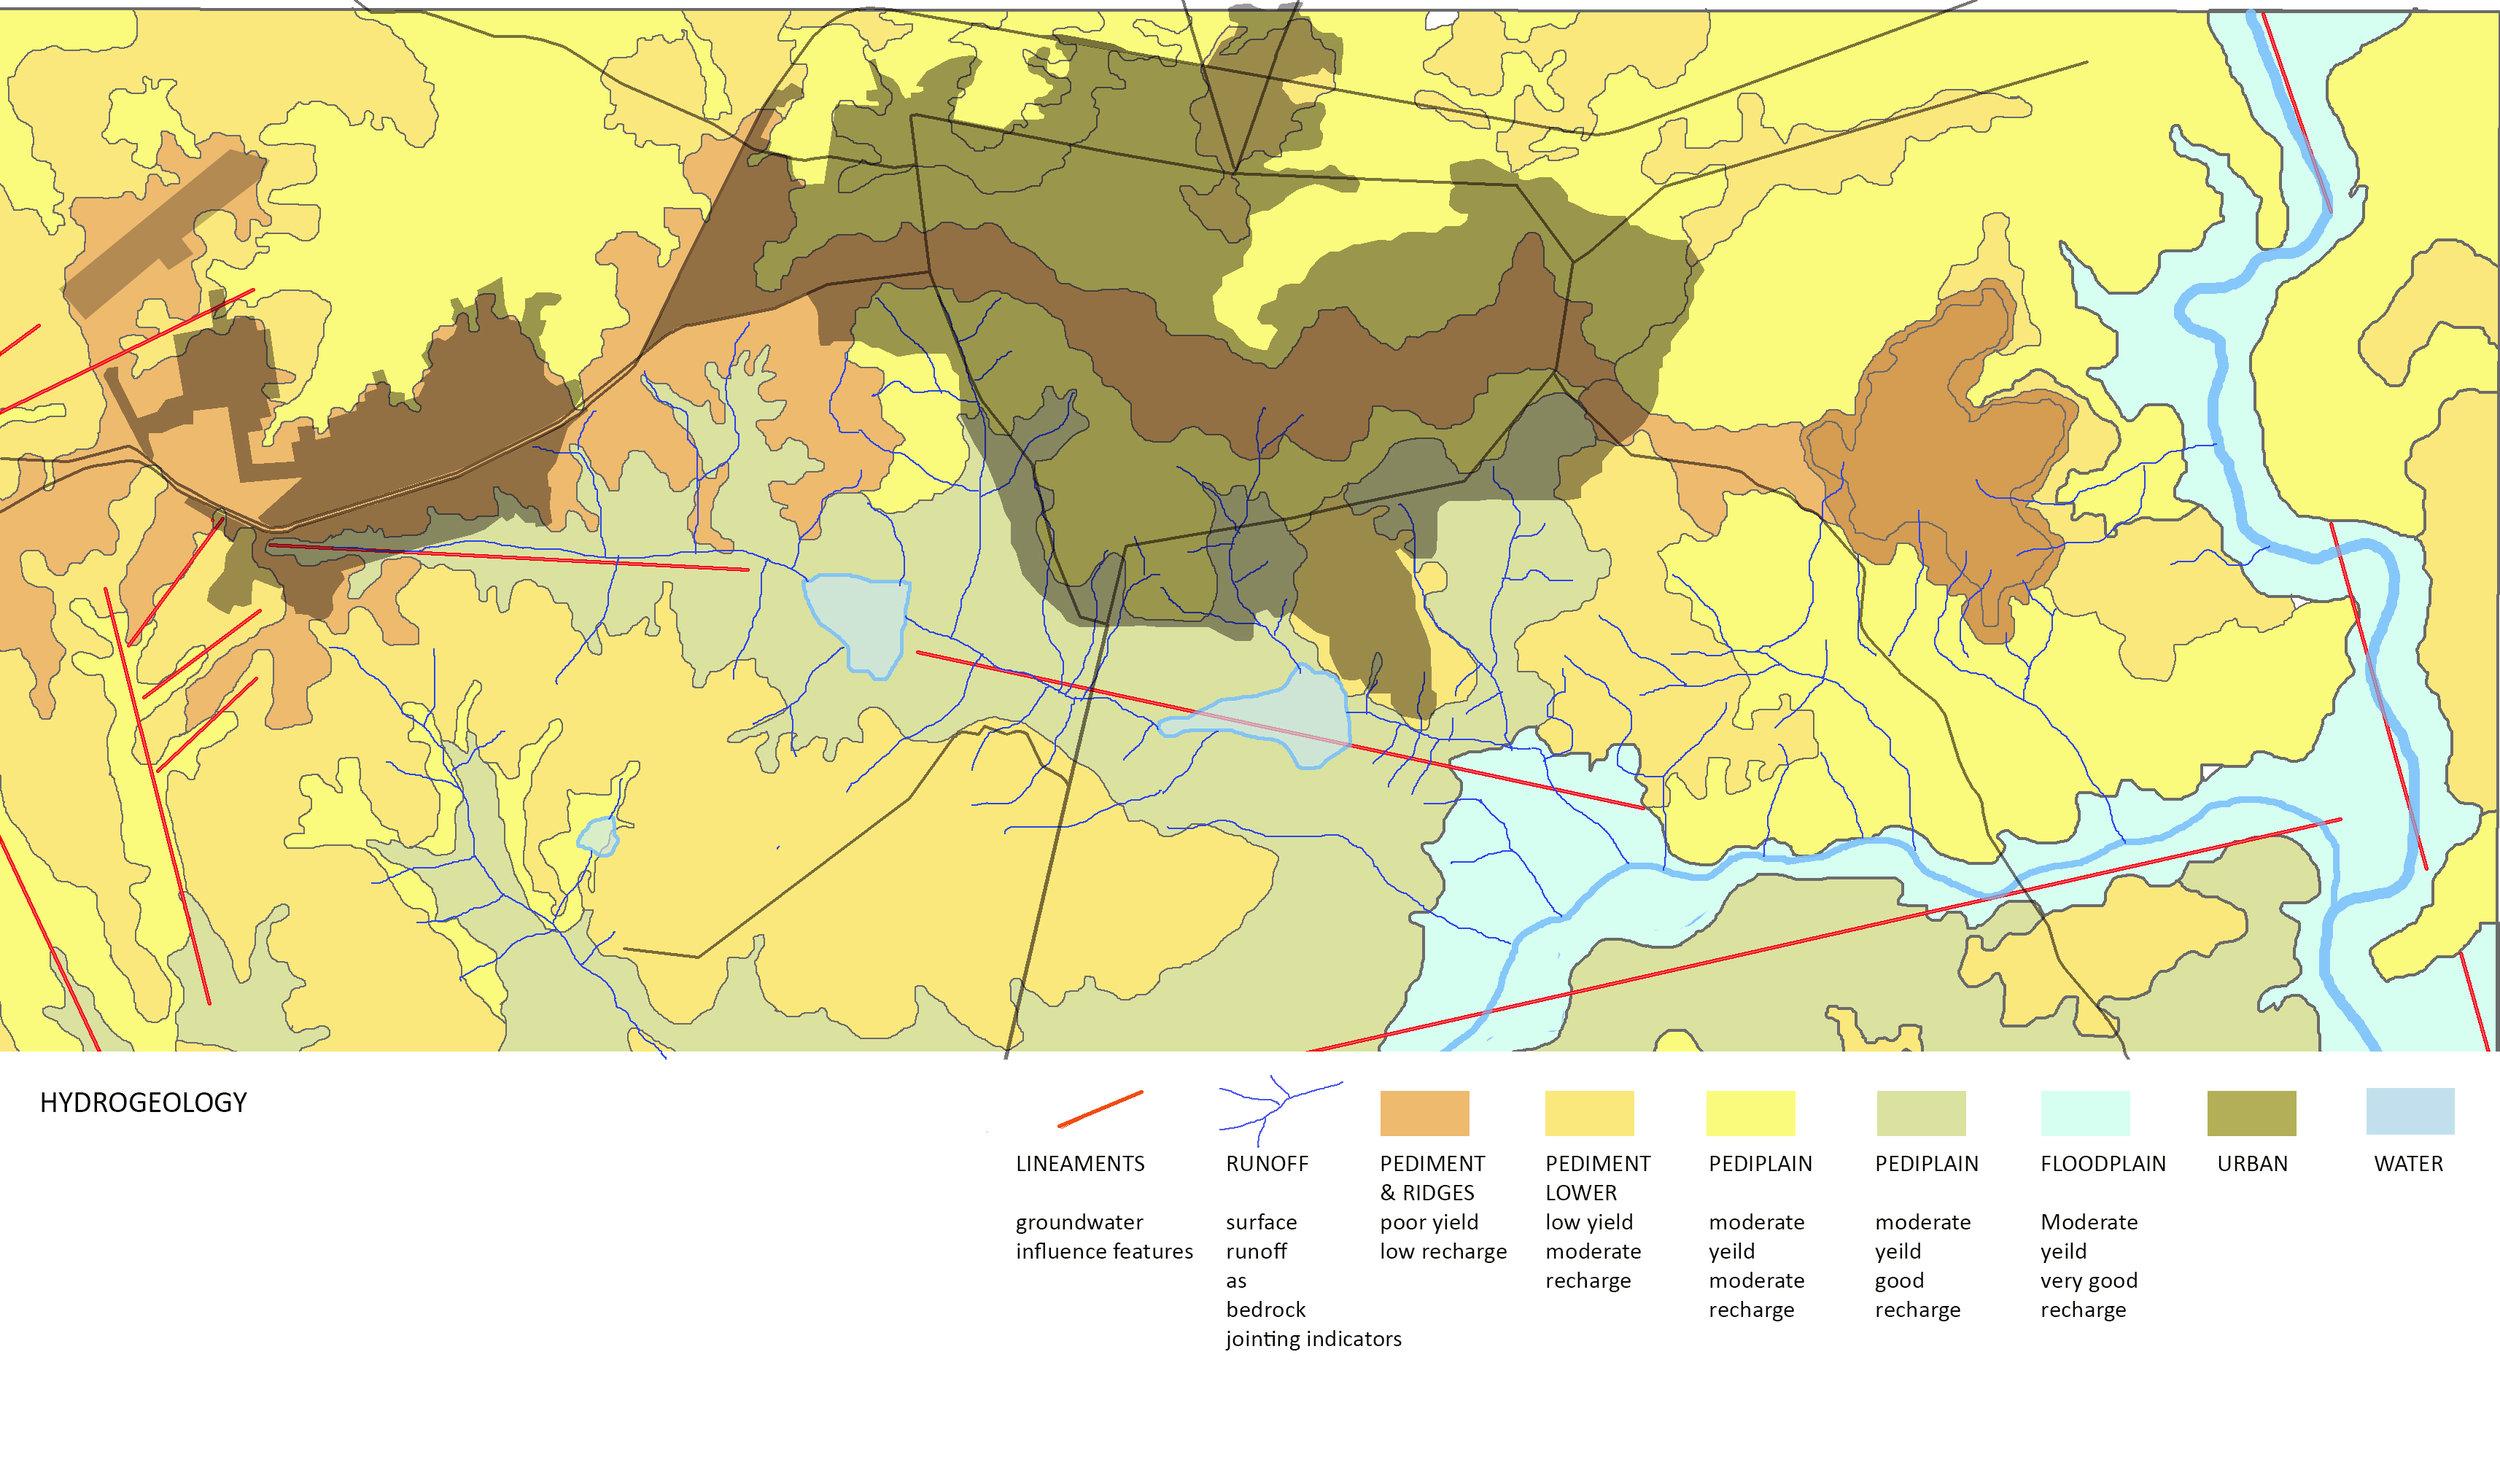 Ficus-landscape-bangalore-terrain-hydrology-map-MH